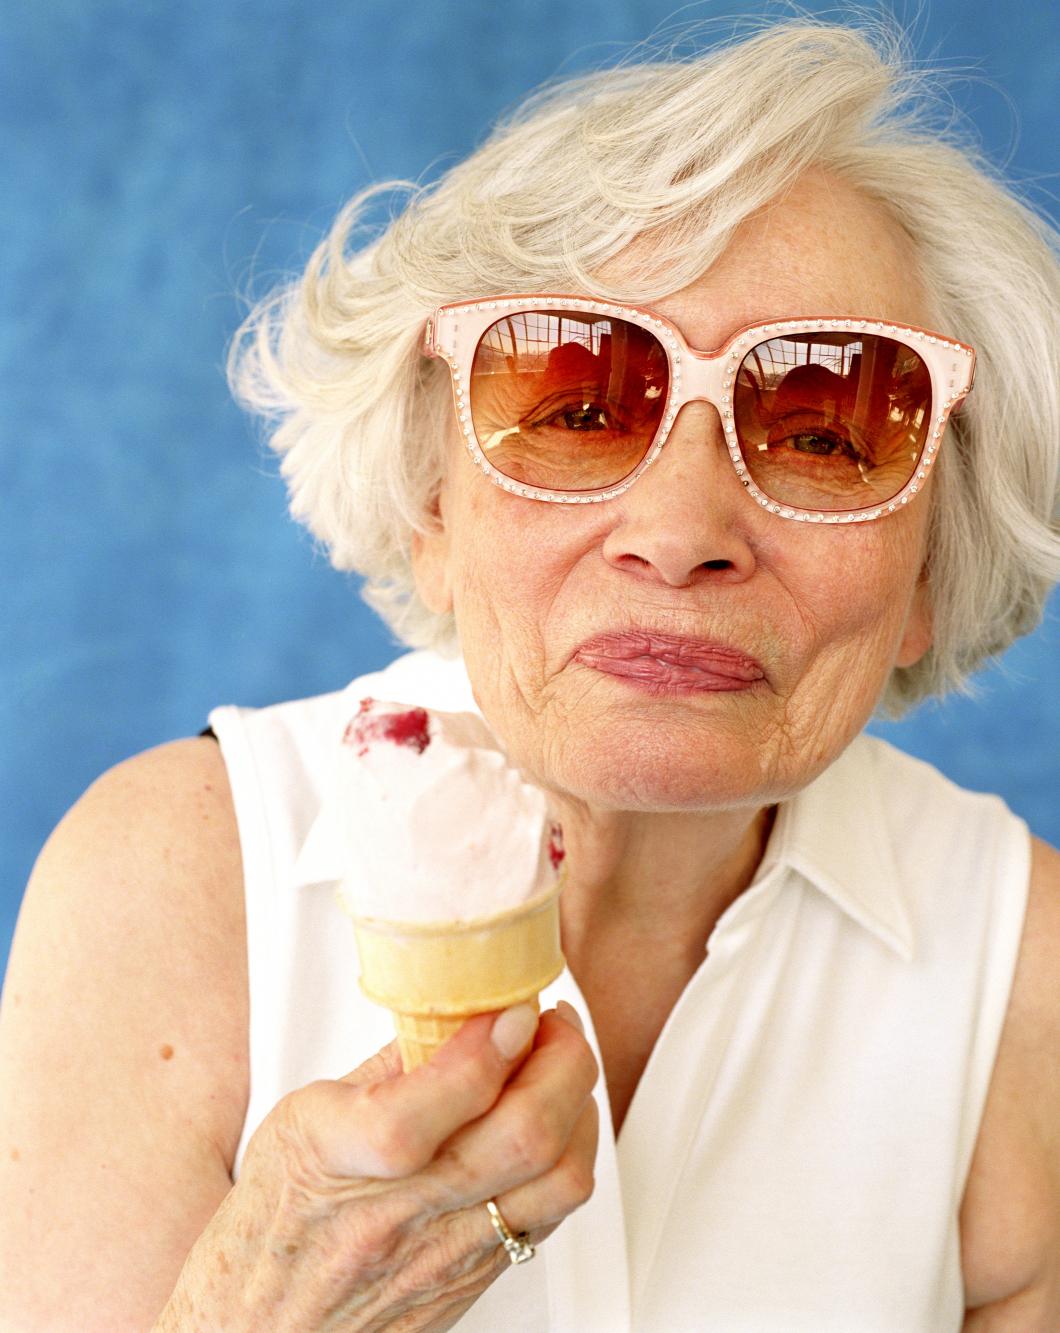 Nya råd som ska göra äldres måltider bättre